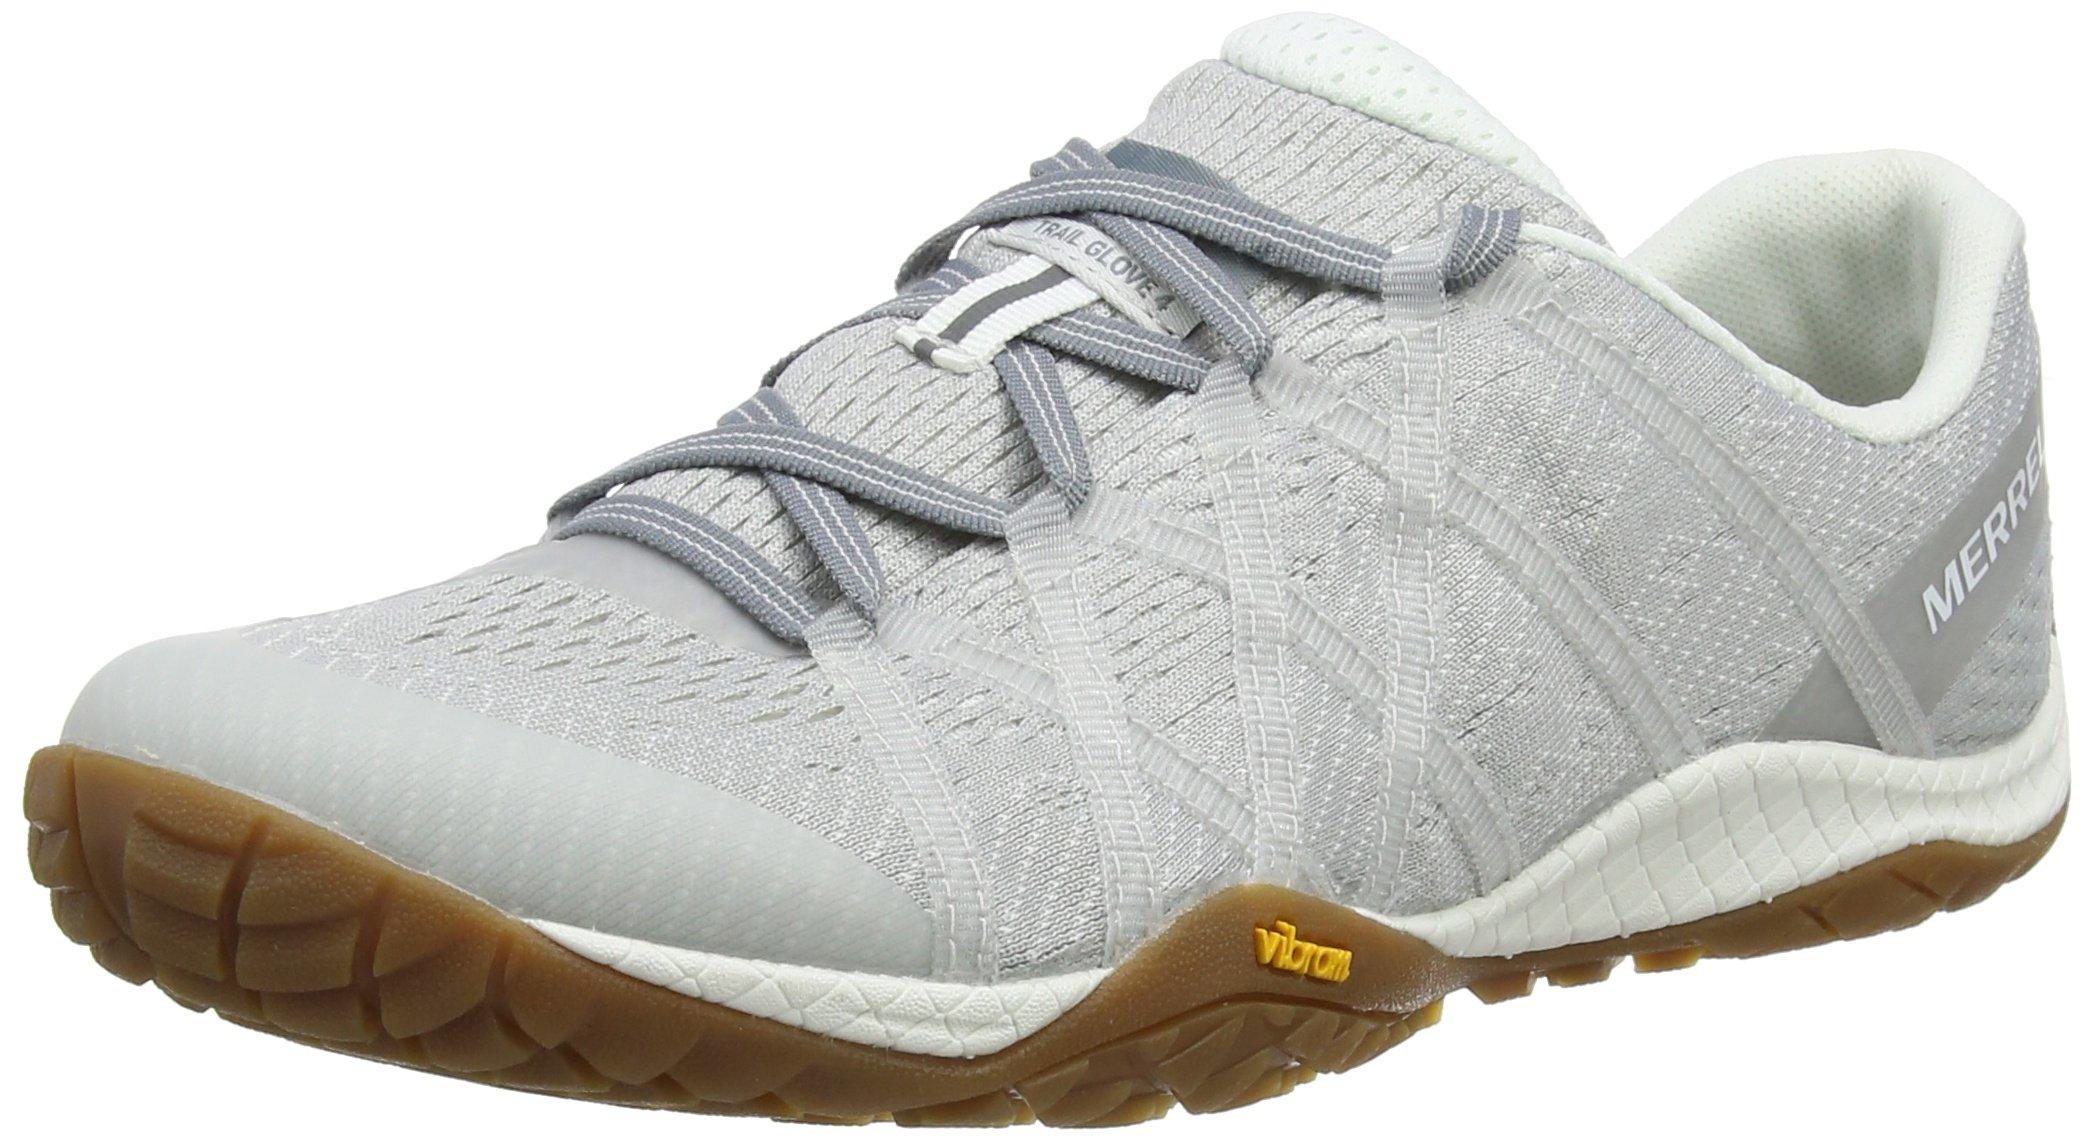 Merrell Women's Trail Glove 4 E-Mesh Sneaker, Vapor, 7 M US by Merrell